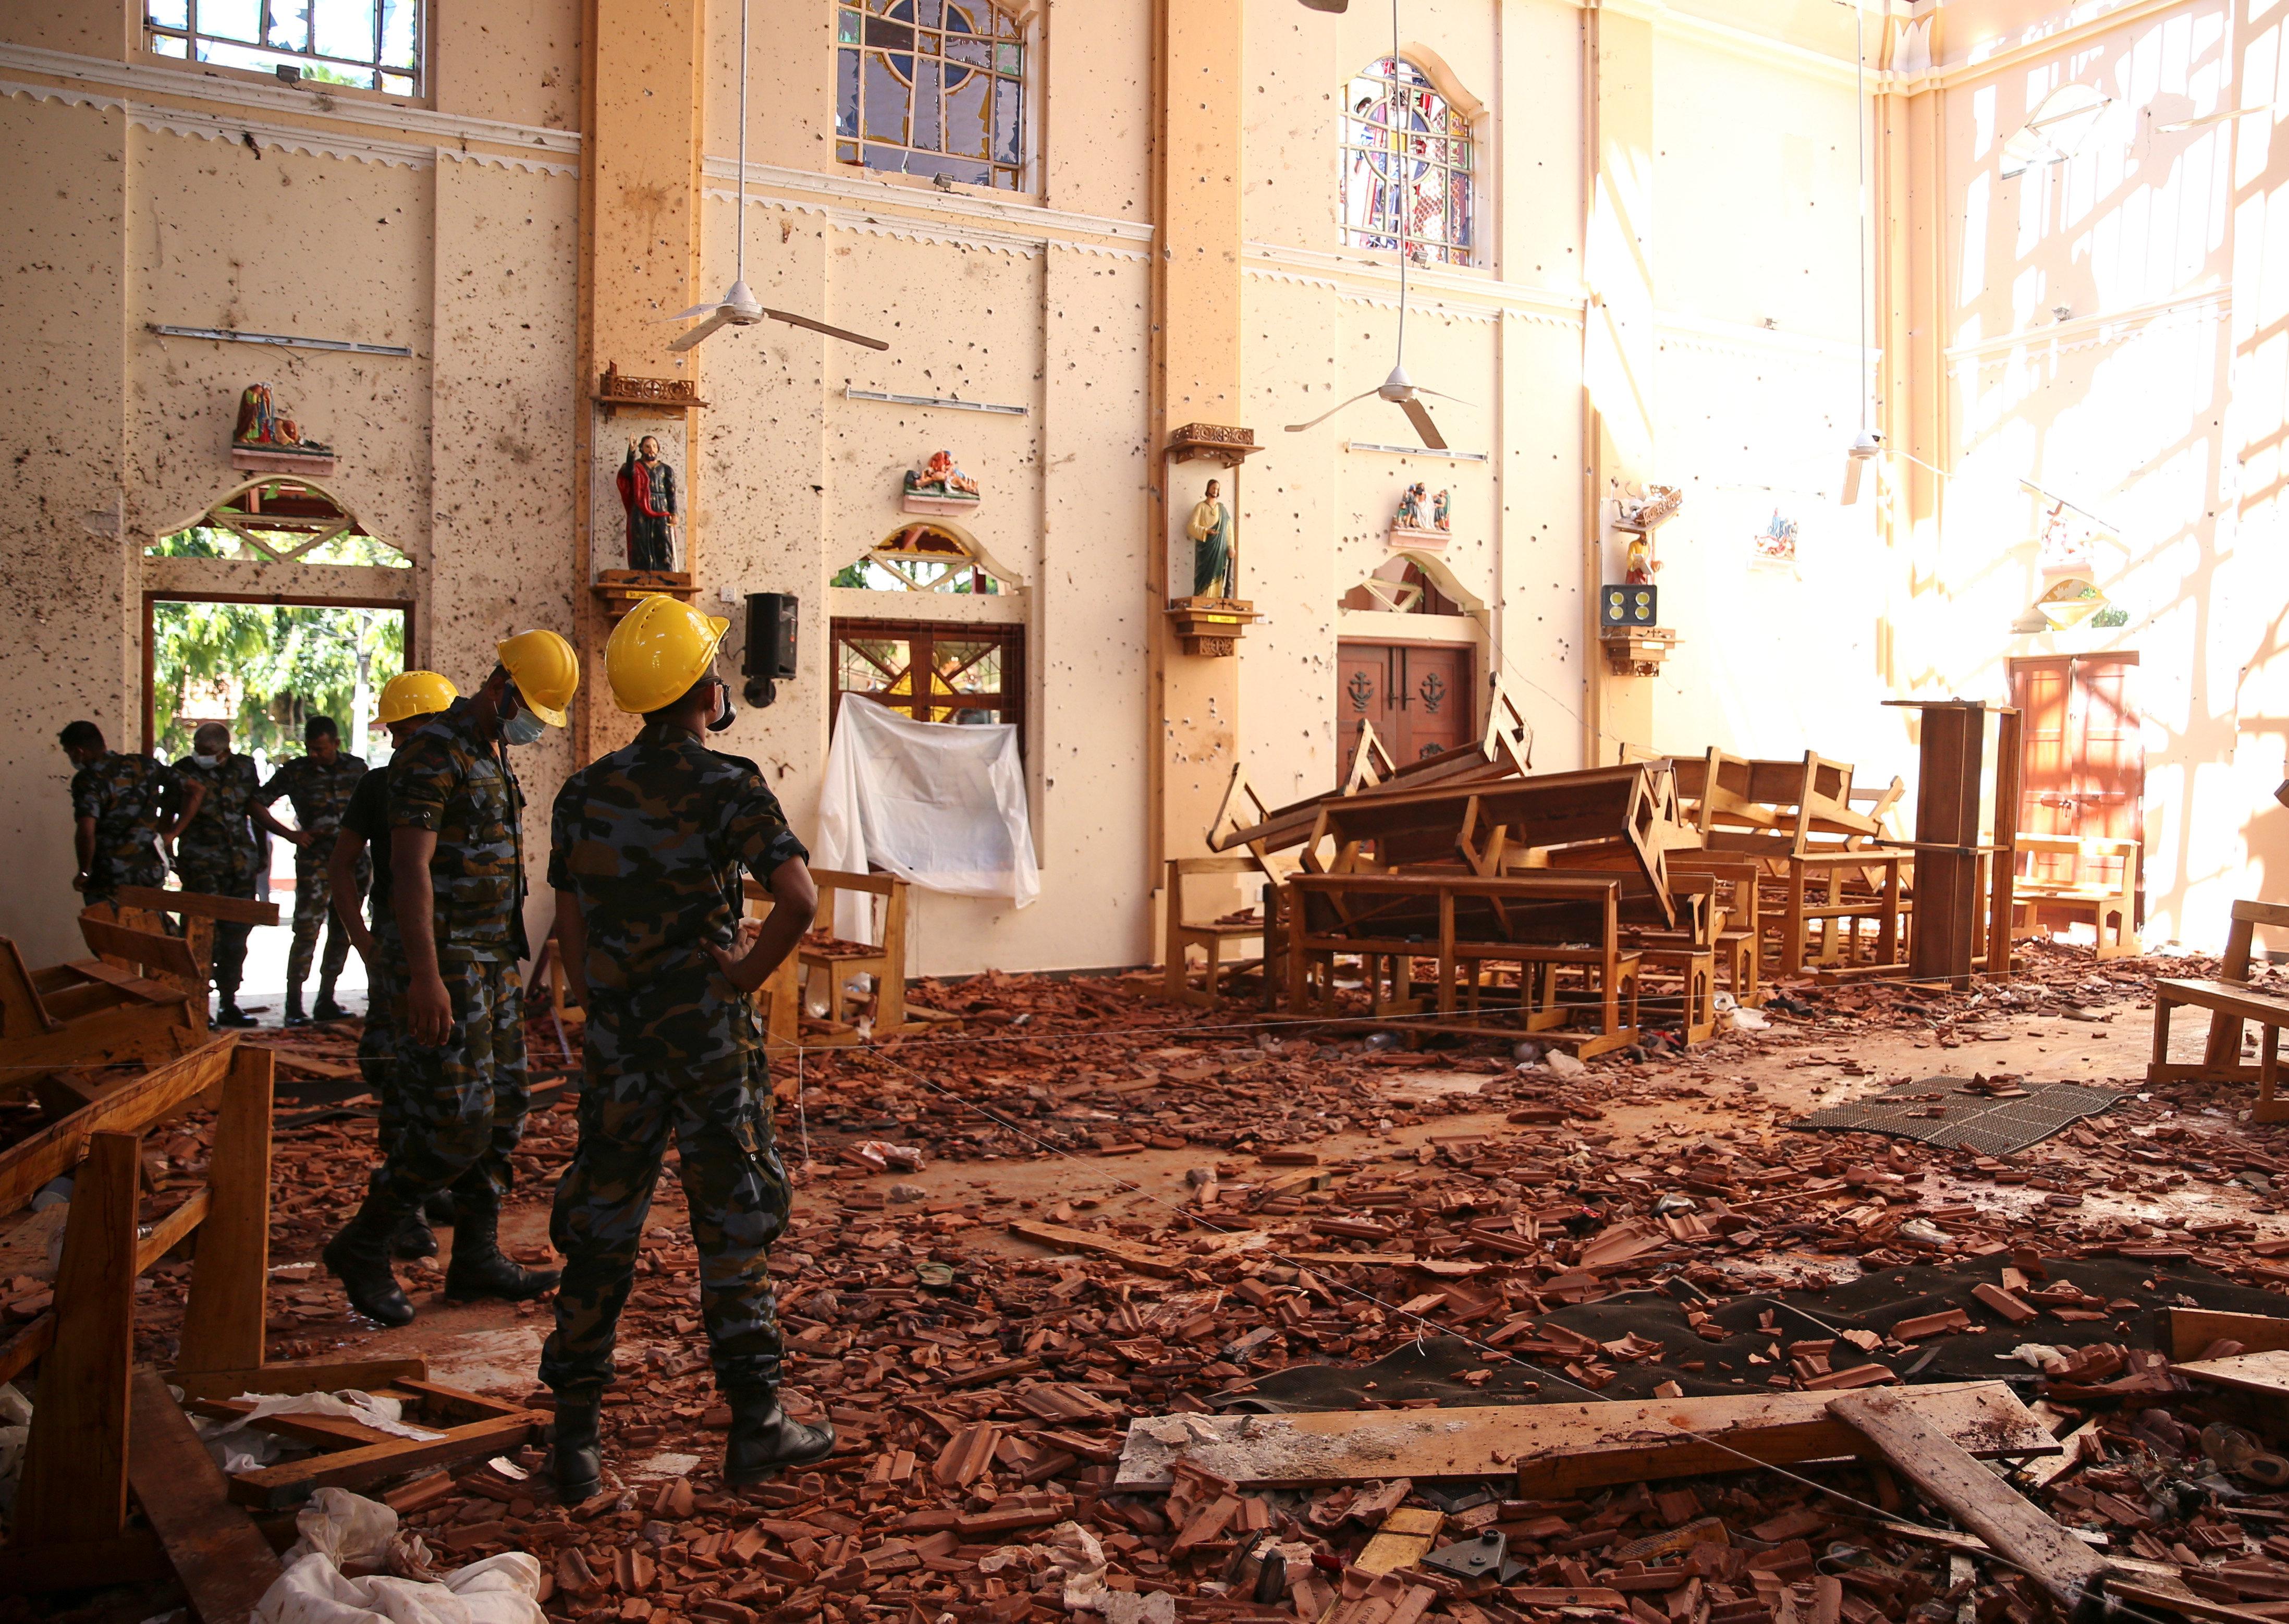 Σρι Λάνκα: Οι Αρχές είχαν προειδοποιηθεί για τις επιθέσεις - Αλλά δεν έκαναν